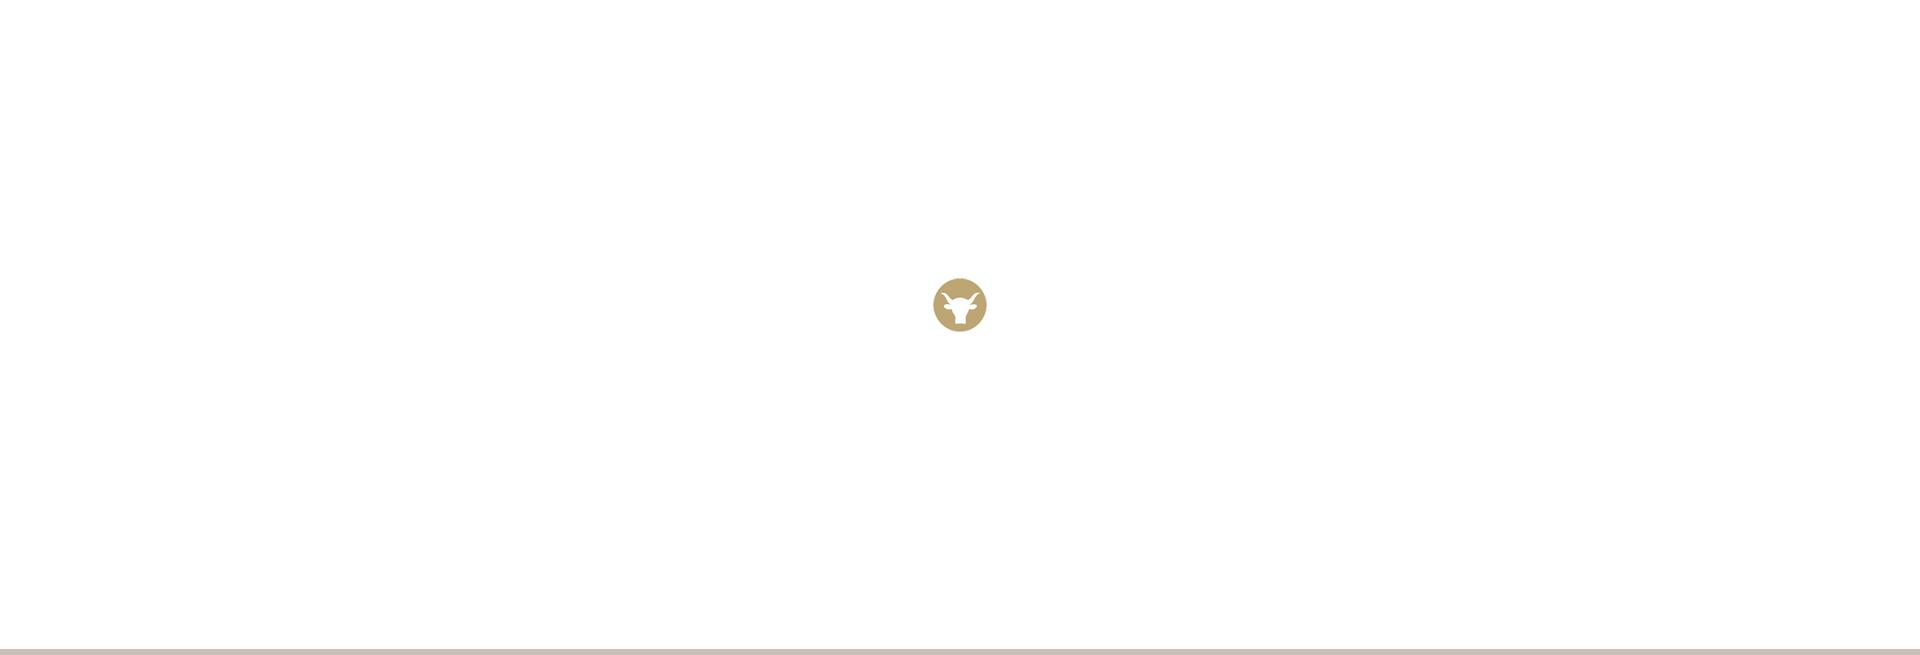 new-slide